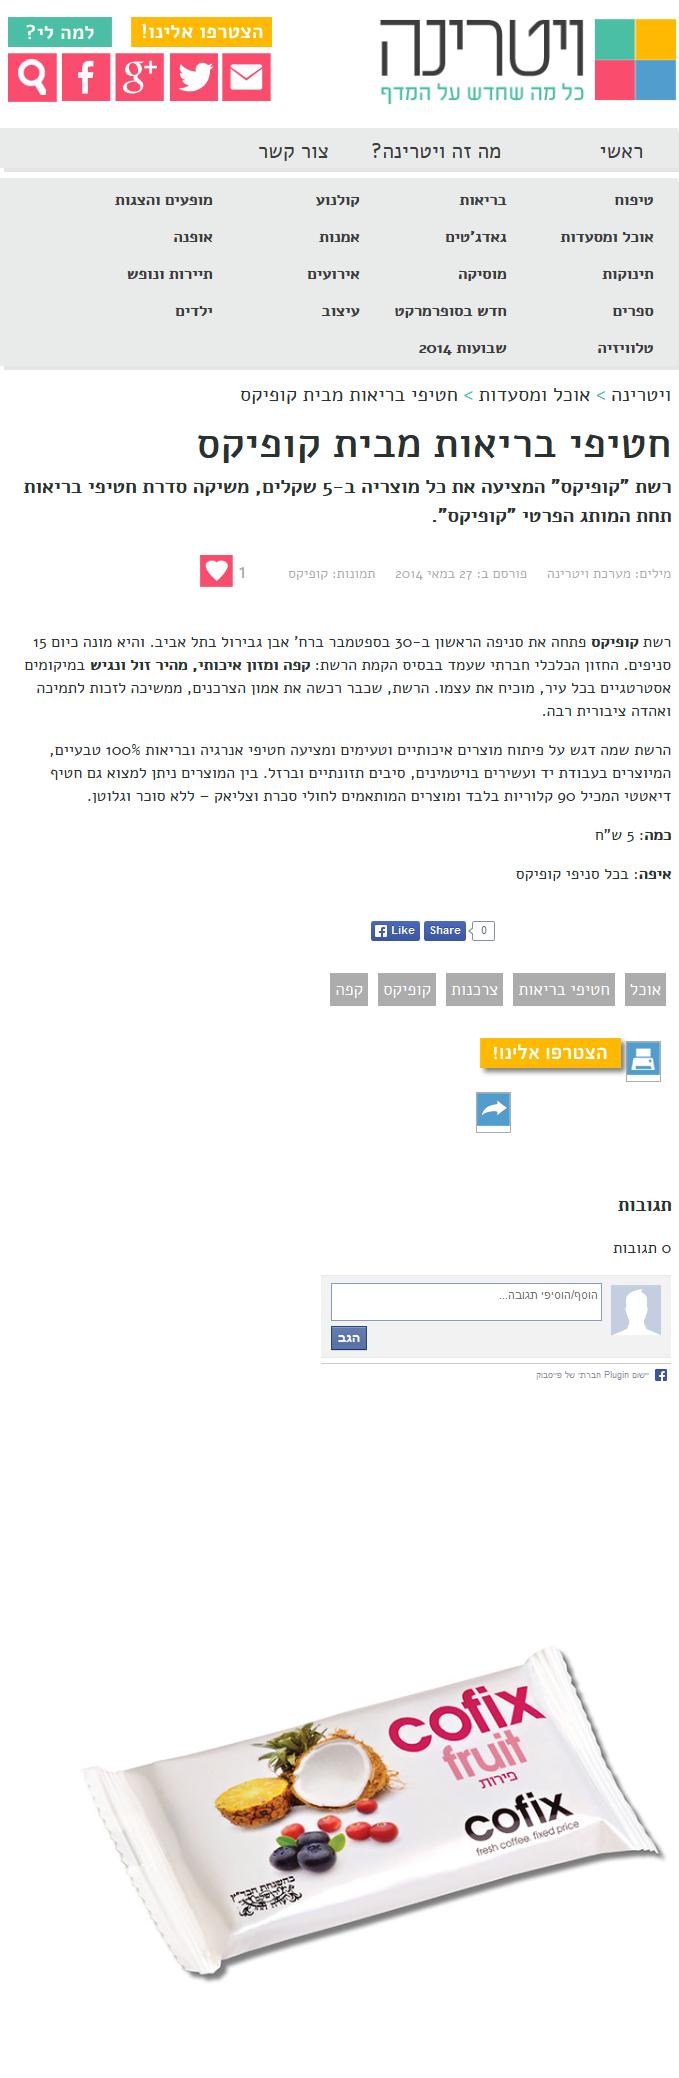 """חטיפי בריאות מבית קופיקס רשת """"קופיקס"""" המציעה את כל מוצריה ב-5 שקלים, משיקה סדרת חטיפי בריאות תחת המותג הפרטי """"קופיקס"""". מילים: מערכת ויטרינה פורסם ב: 27 במאי 2014 תמונות: קופיקס. רשת קופיקס פתחה את סניפה הראשון ב-30 בספטמבר ברח' אבן גבירול בתל אביב. והיא מונה כיום 15 סניפים. החזון הכלכלי חברתי שעמד בבסיס הקמת הרשת: קפה ומזון איכותי, מהיר זול ונגיש במיקומים אסטרטגיים בכל עיר, מוכיח את עצמו. הרשת, שכבר רכשה את אמון הצרכנים, ממשיכה לזכות לתמיכה ואהדה ציבורית רבה. הרשת שמה דגש על פיתוח מוצרים איכותיים וטעימים ומציעה חטיפי אנרגיה ובריאות 100% טבעיים, המיוצרים בעבודת יד ועשירים בויטמינים, סיבים תזונתיים וברזל. בין המוצרים ניתן למצוא גם חטיף דיאטטי המכיל 90 קלוריות בלבד ומוצרים המותאמים לחולי סכרת וצליאק – ללא סוכר וגלוטן. כמה: 5 ש""""ח איפה: בכל סניפי קופיקס"""